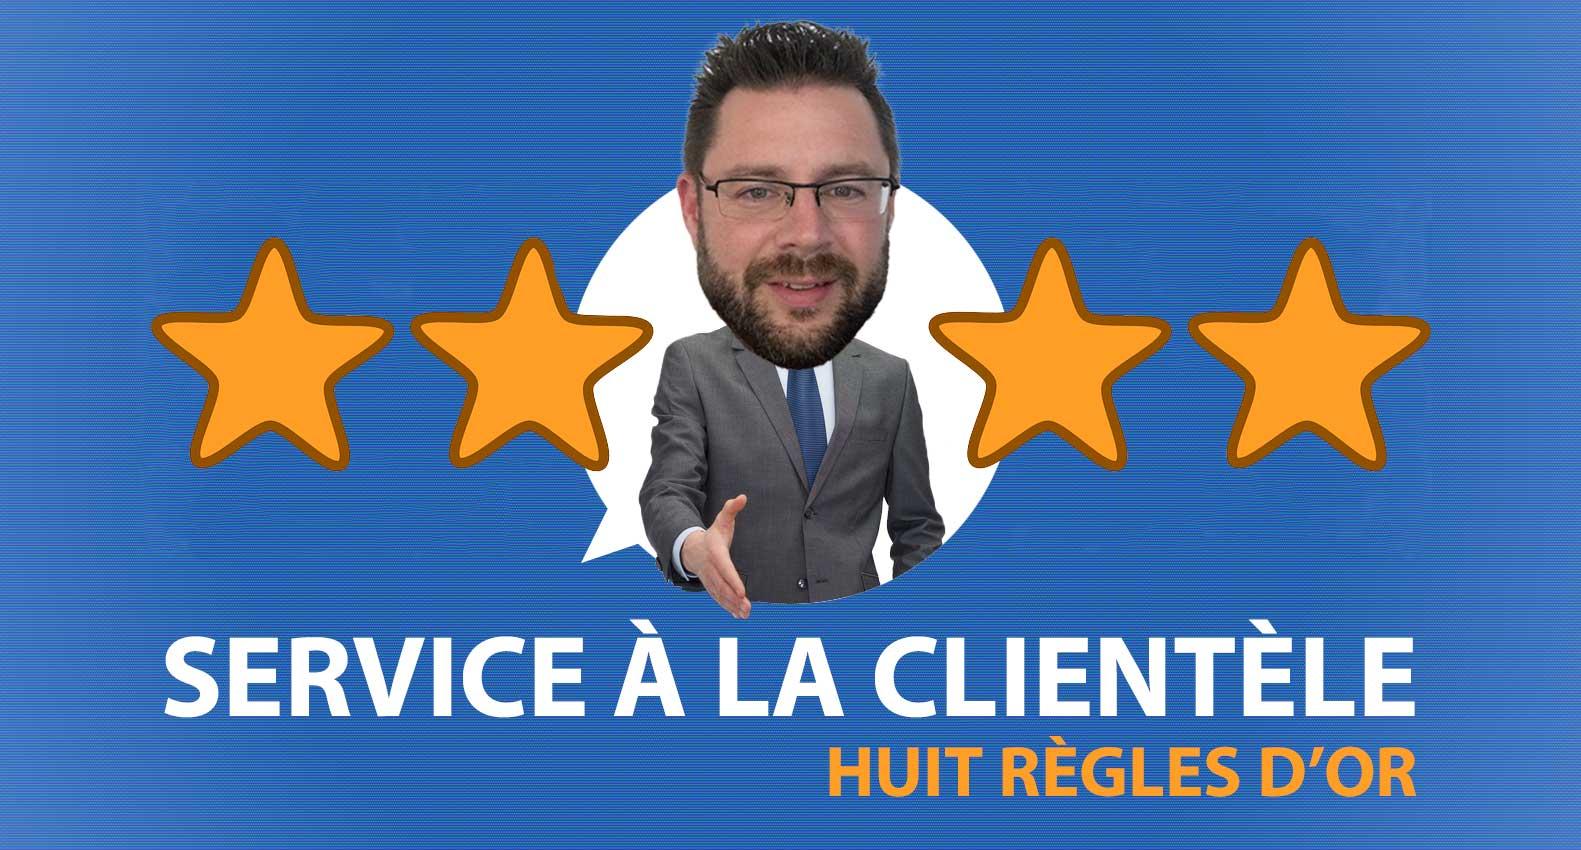 Meilleur Conférencier service à la clientèle